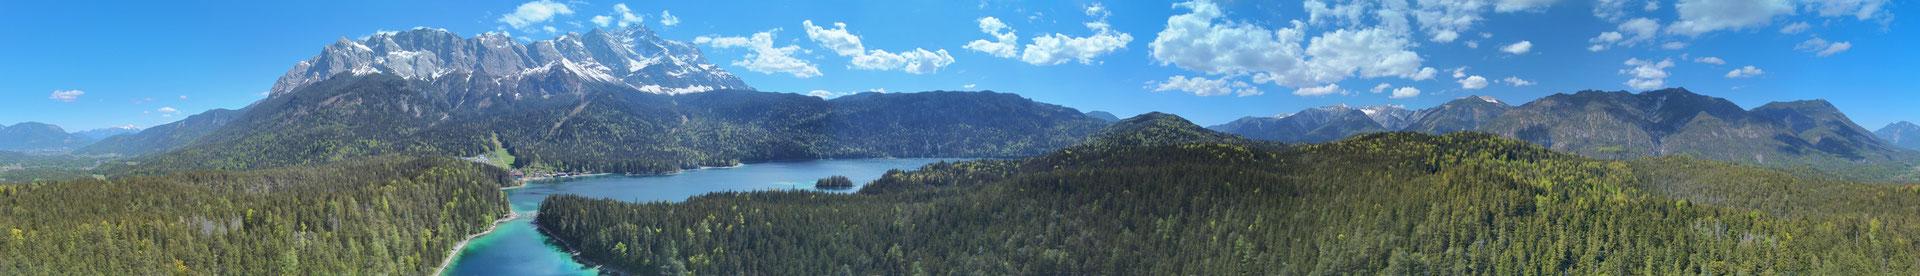 Panorama - Drohnenfoto - Landschaft - Bayern - Berge - See - Karibik - Alpen - Sommer - Ausflug - Wanderung - 360 Grad - Eibsee